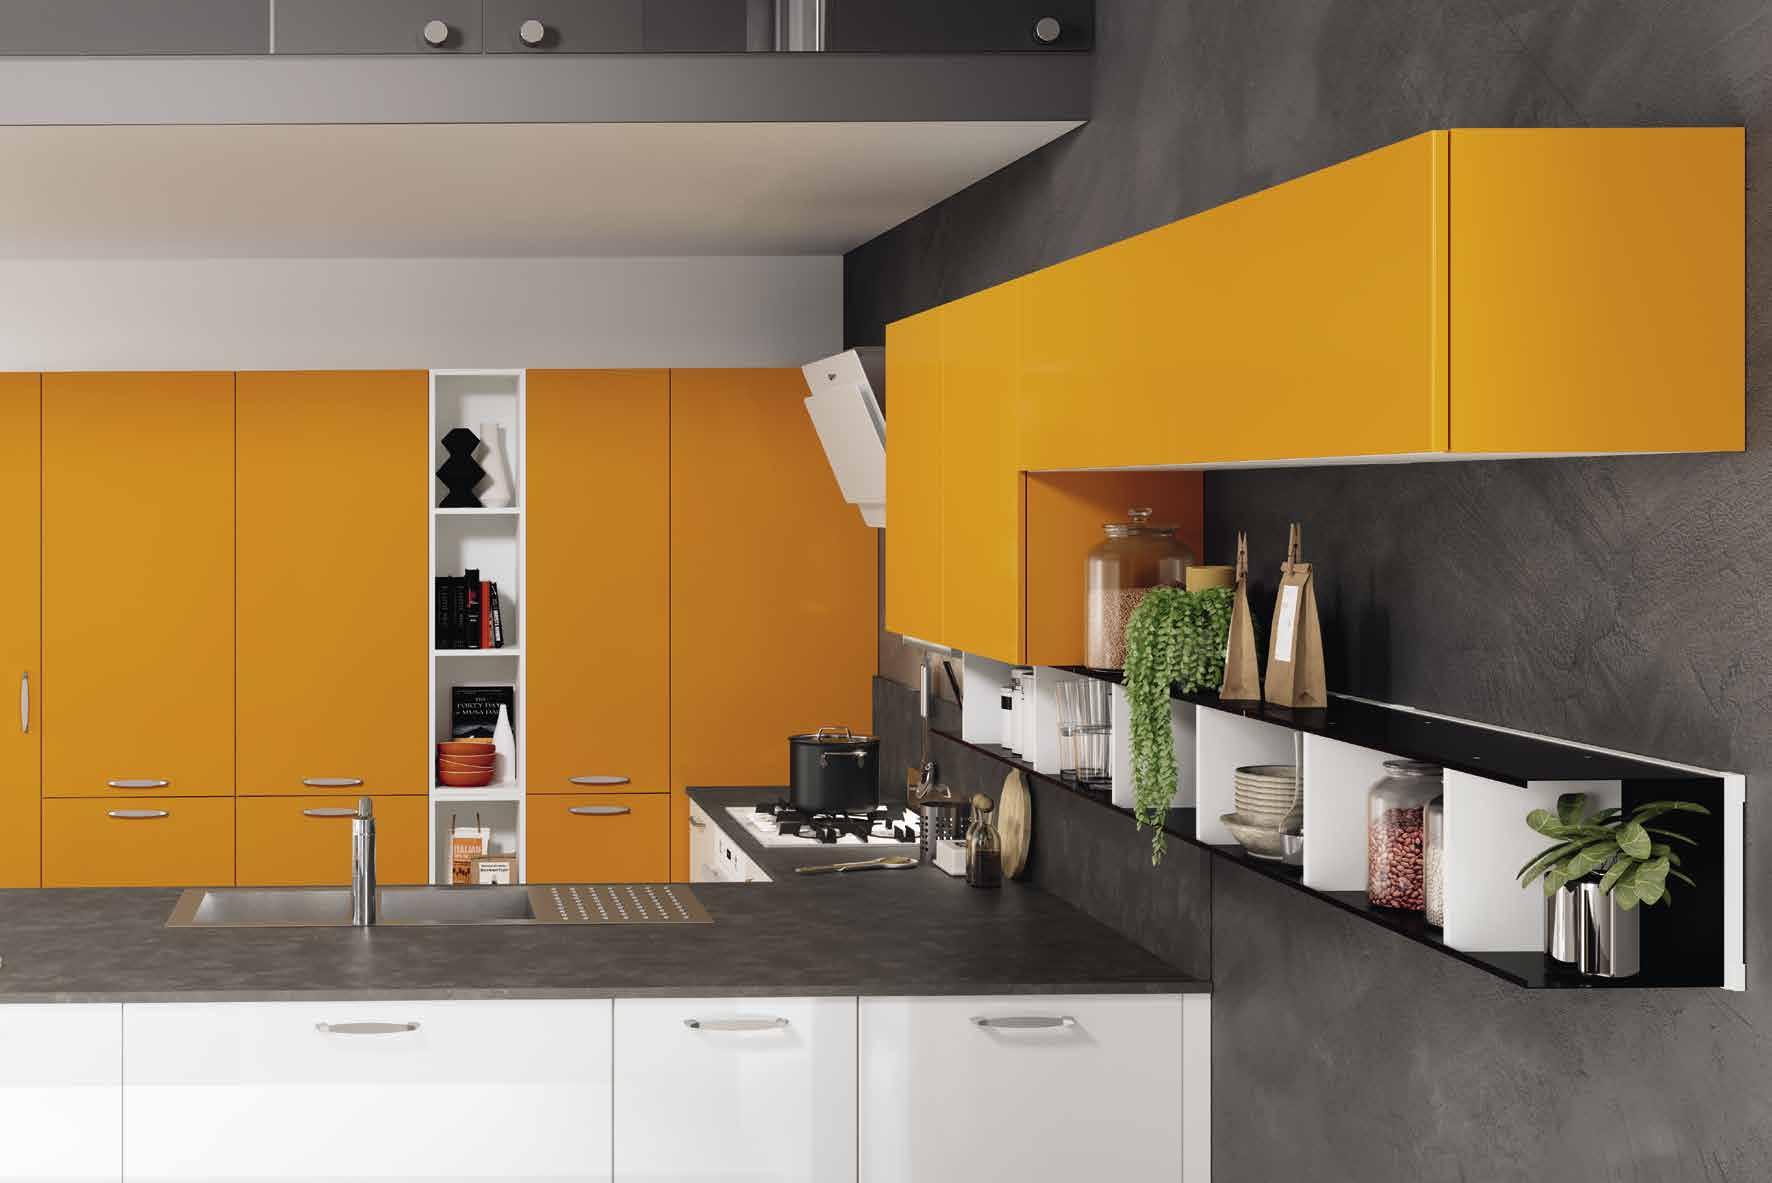 Κουζινα σε πορτοκαλι ματ και λευκό γυαλιστερό με πάσο και στρογγυλό